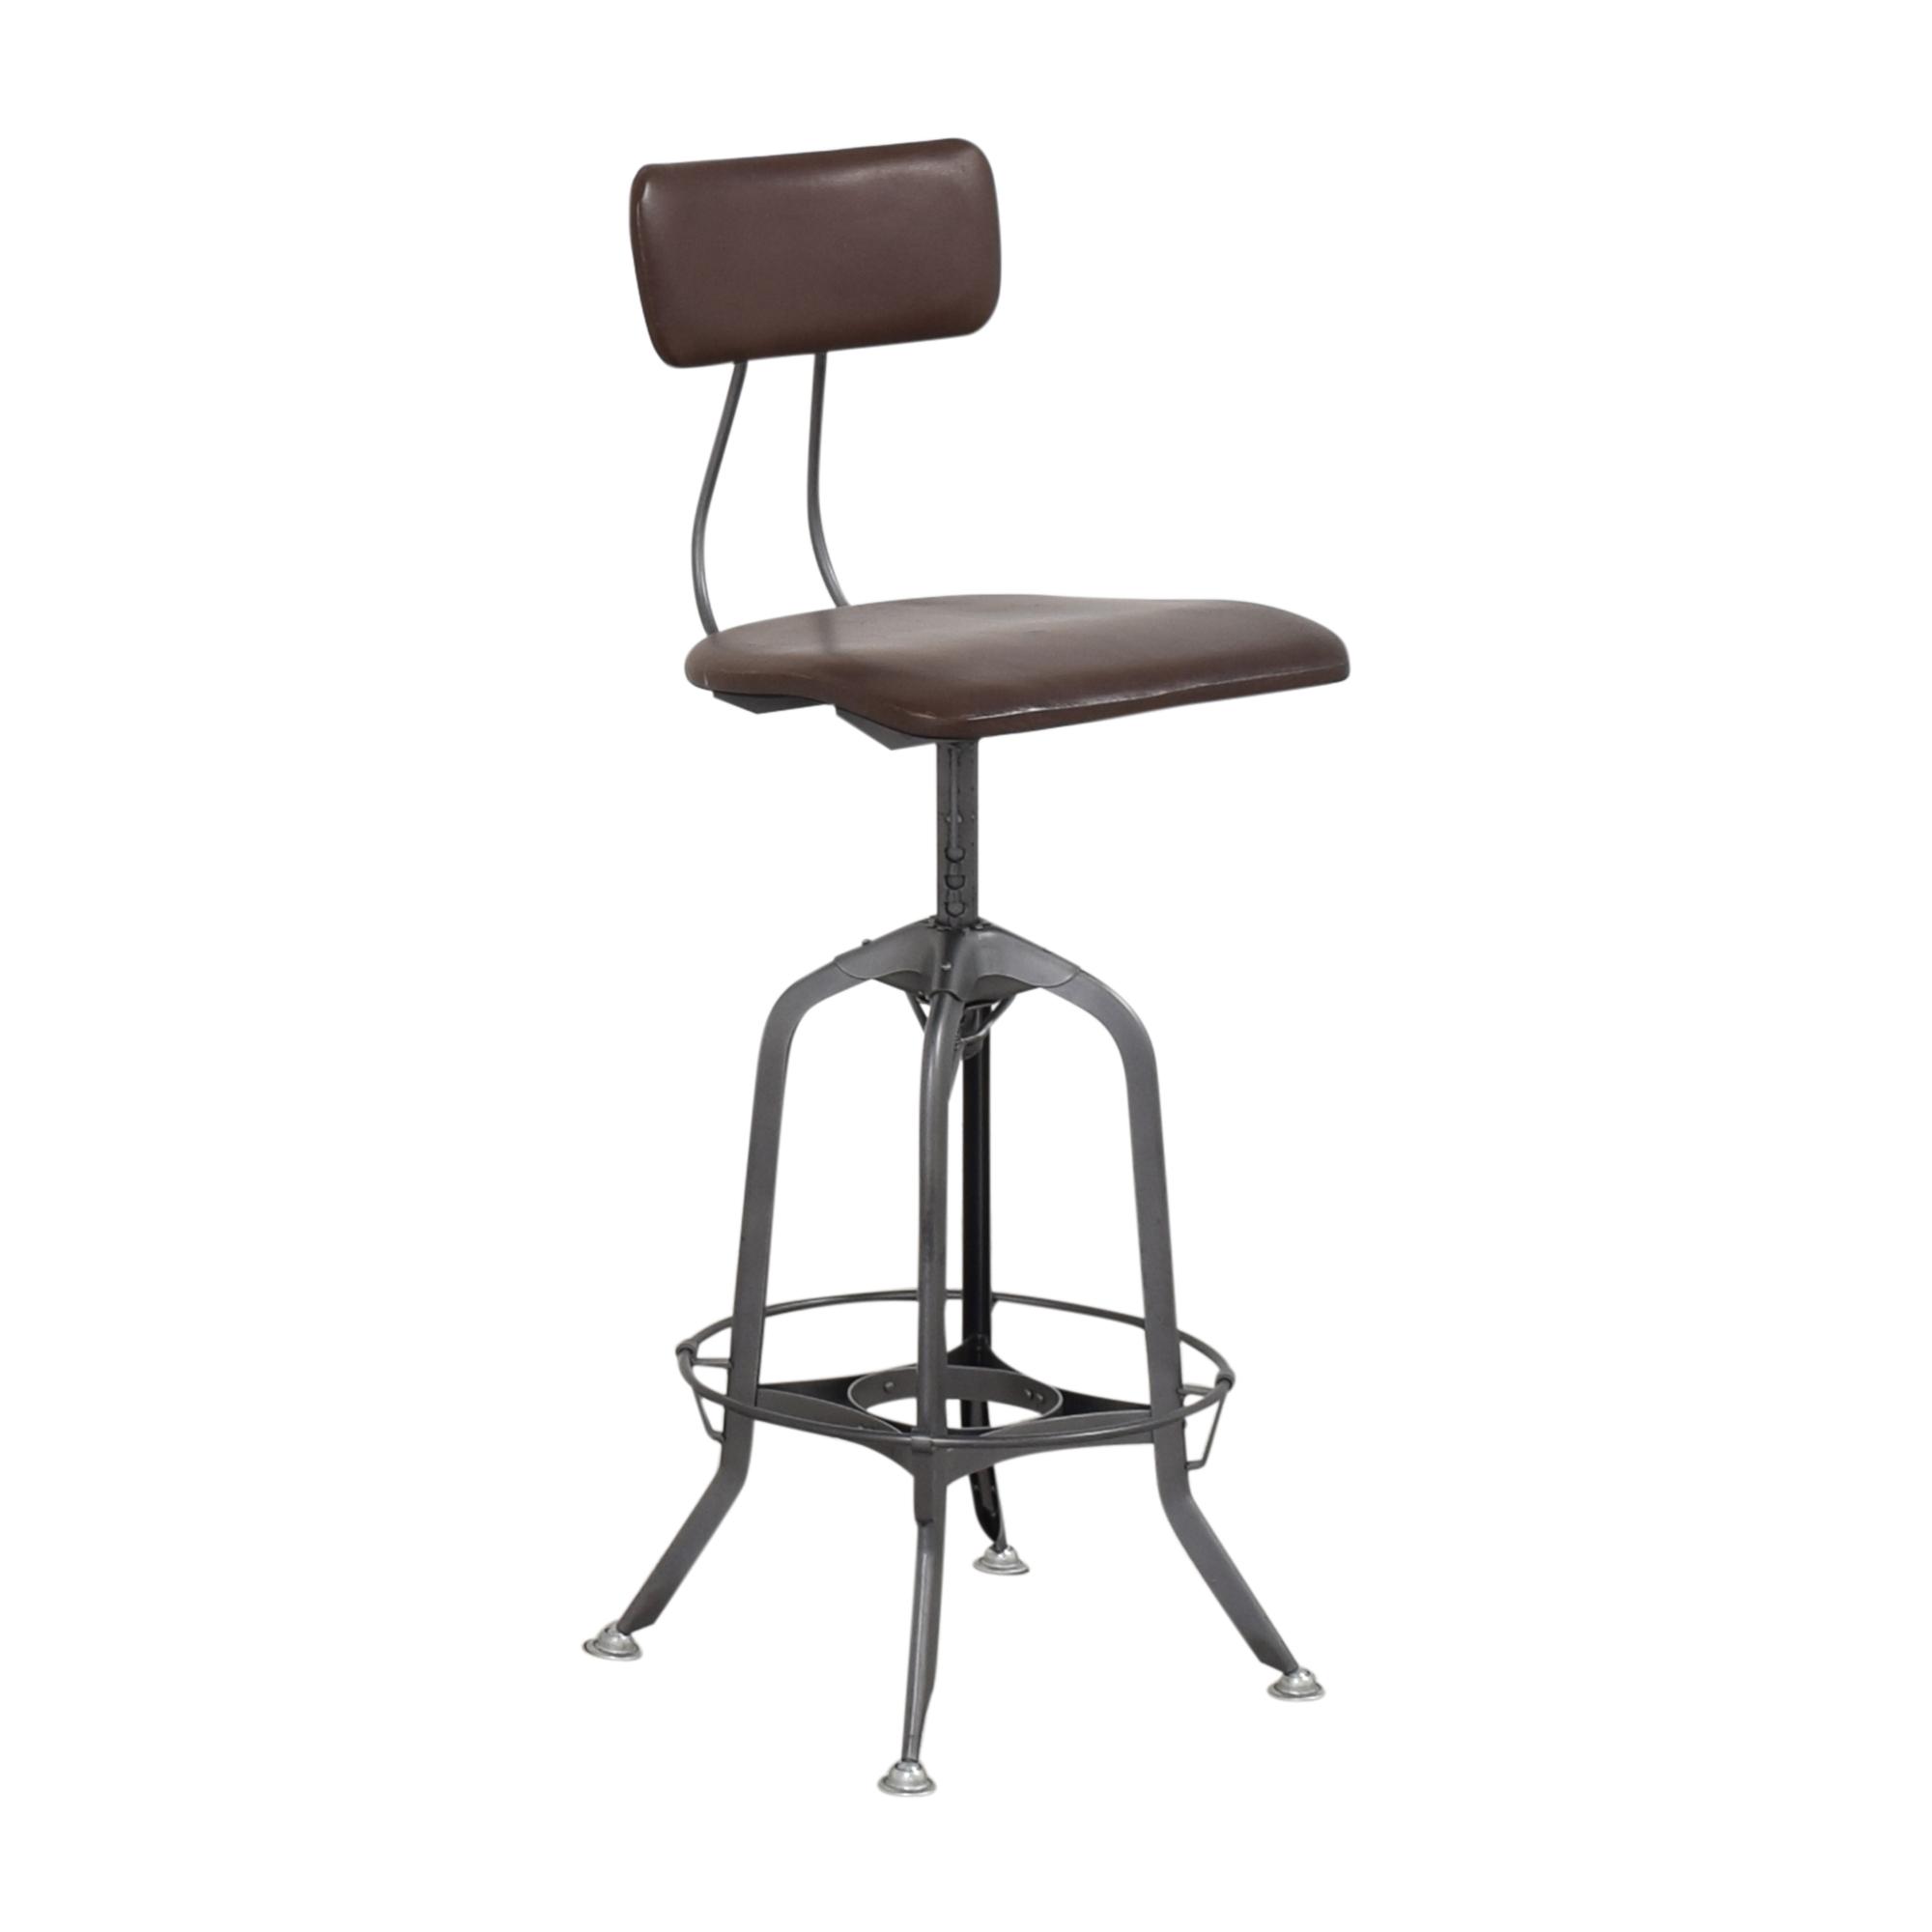 buy Restoration Hardware 1940s Vintage Toledo Bar Chair Restoration Hardware Stools